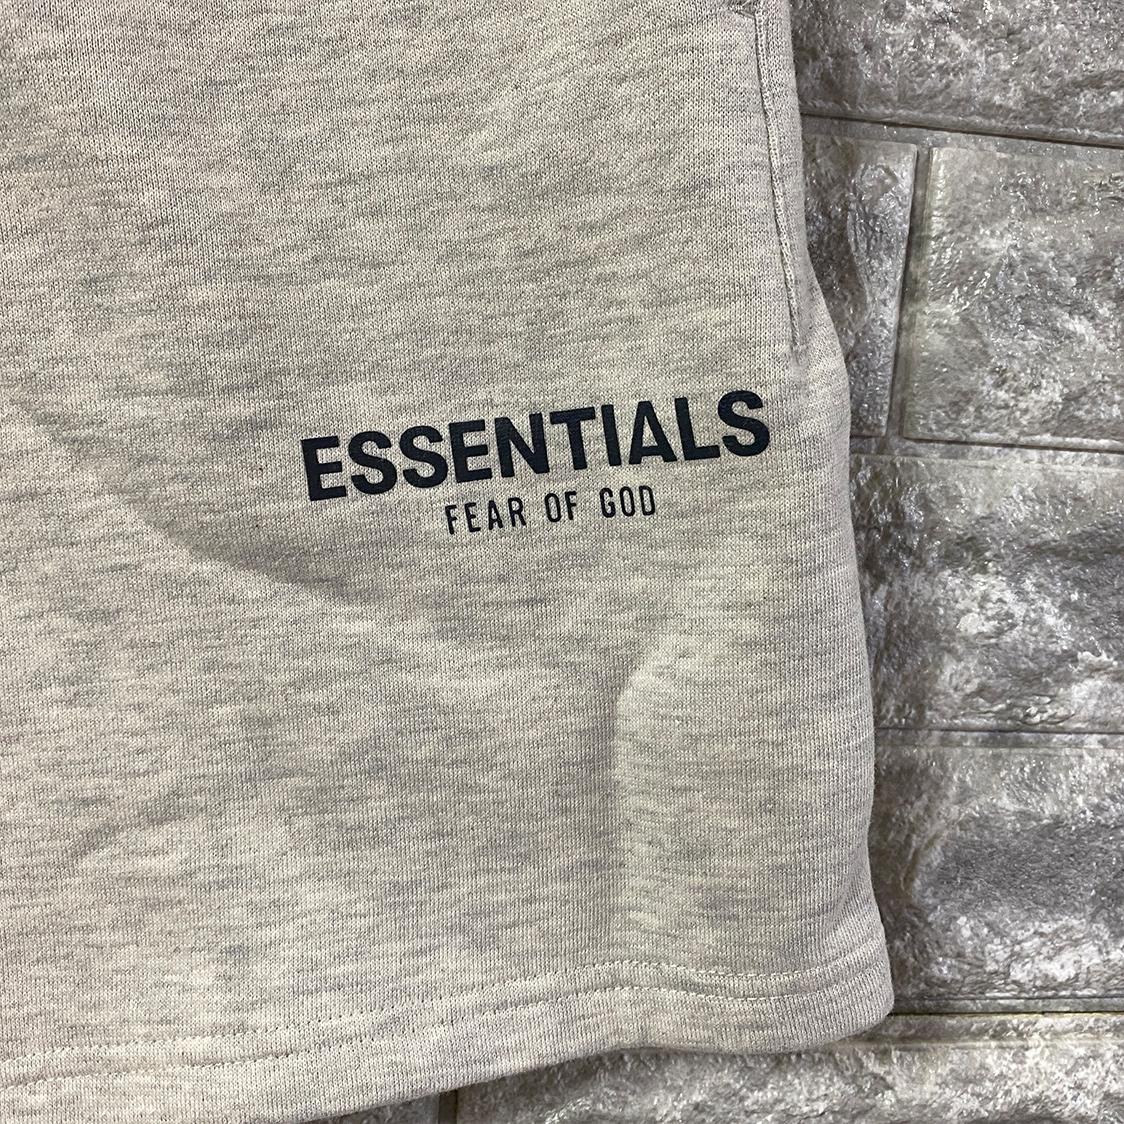 2021新作 新品 Fear Of God Essentials フェアオブゴッド エッセンシャルズ【Sサイズ】 ロゴ スウェット ショーツ ハーフパンツ OATMEAL オートミール FOG